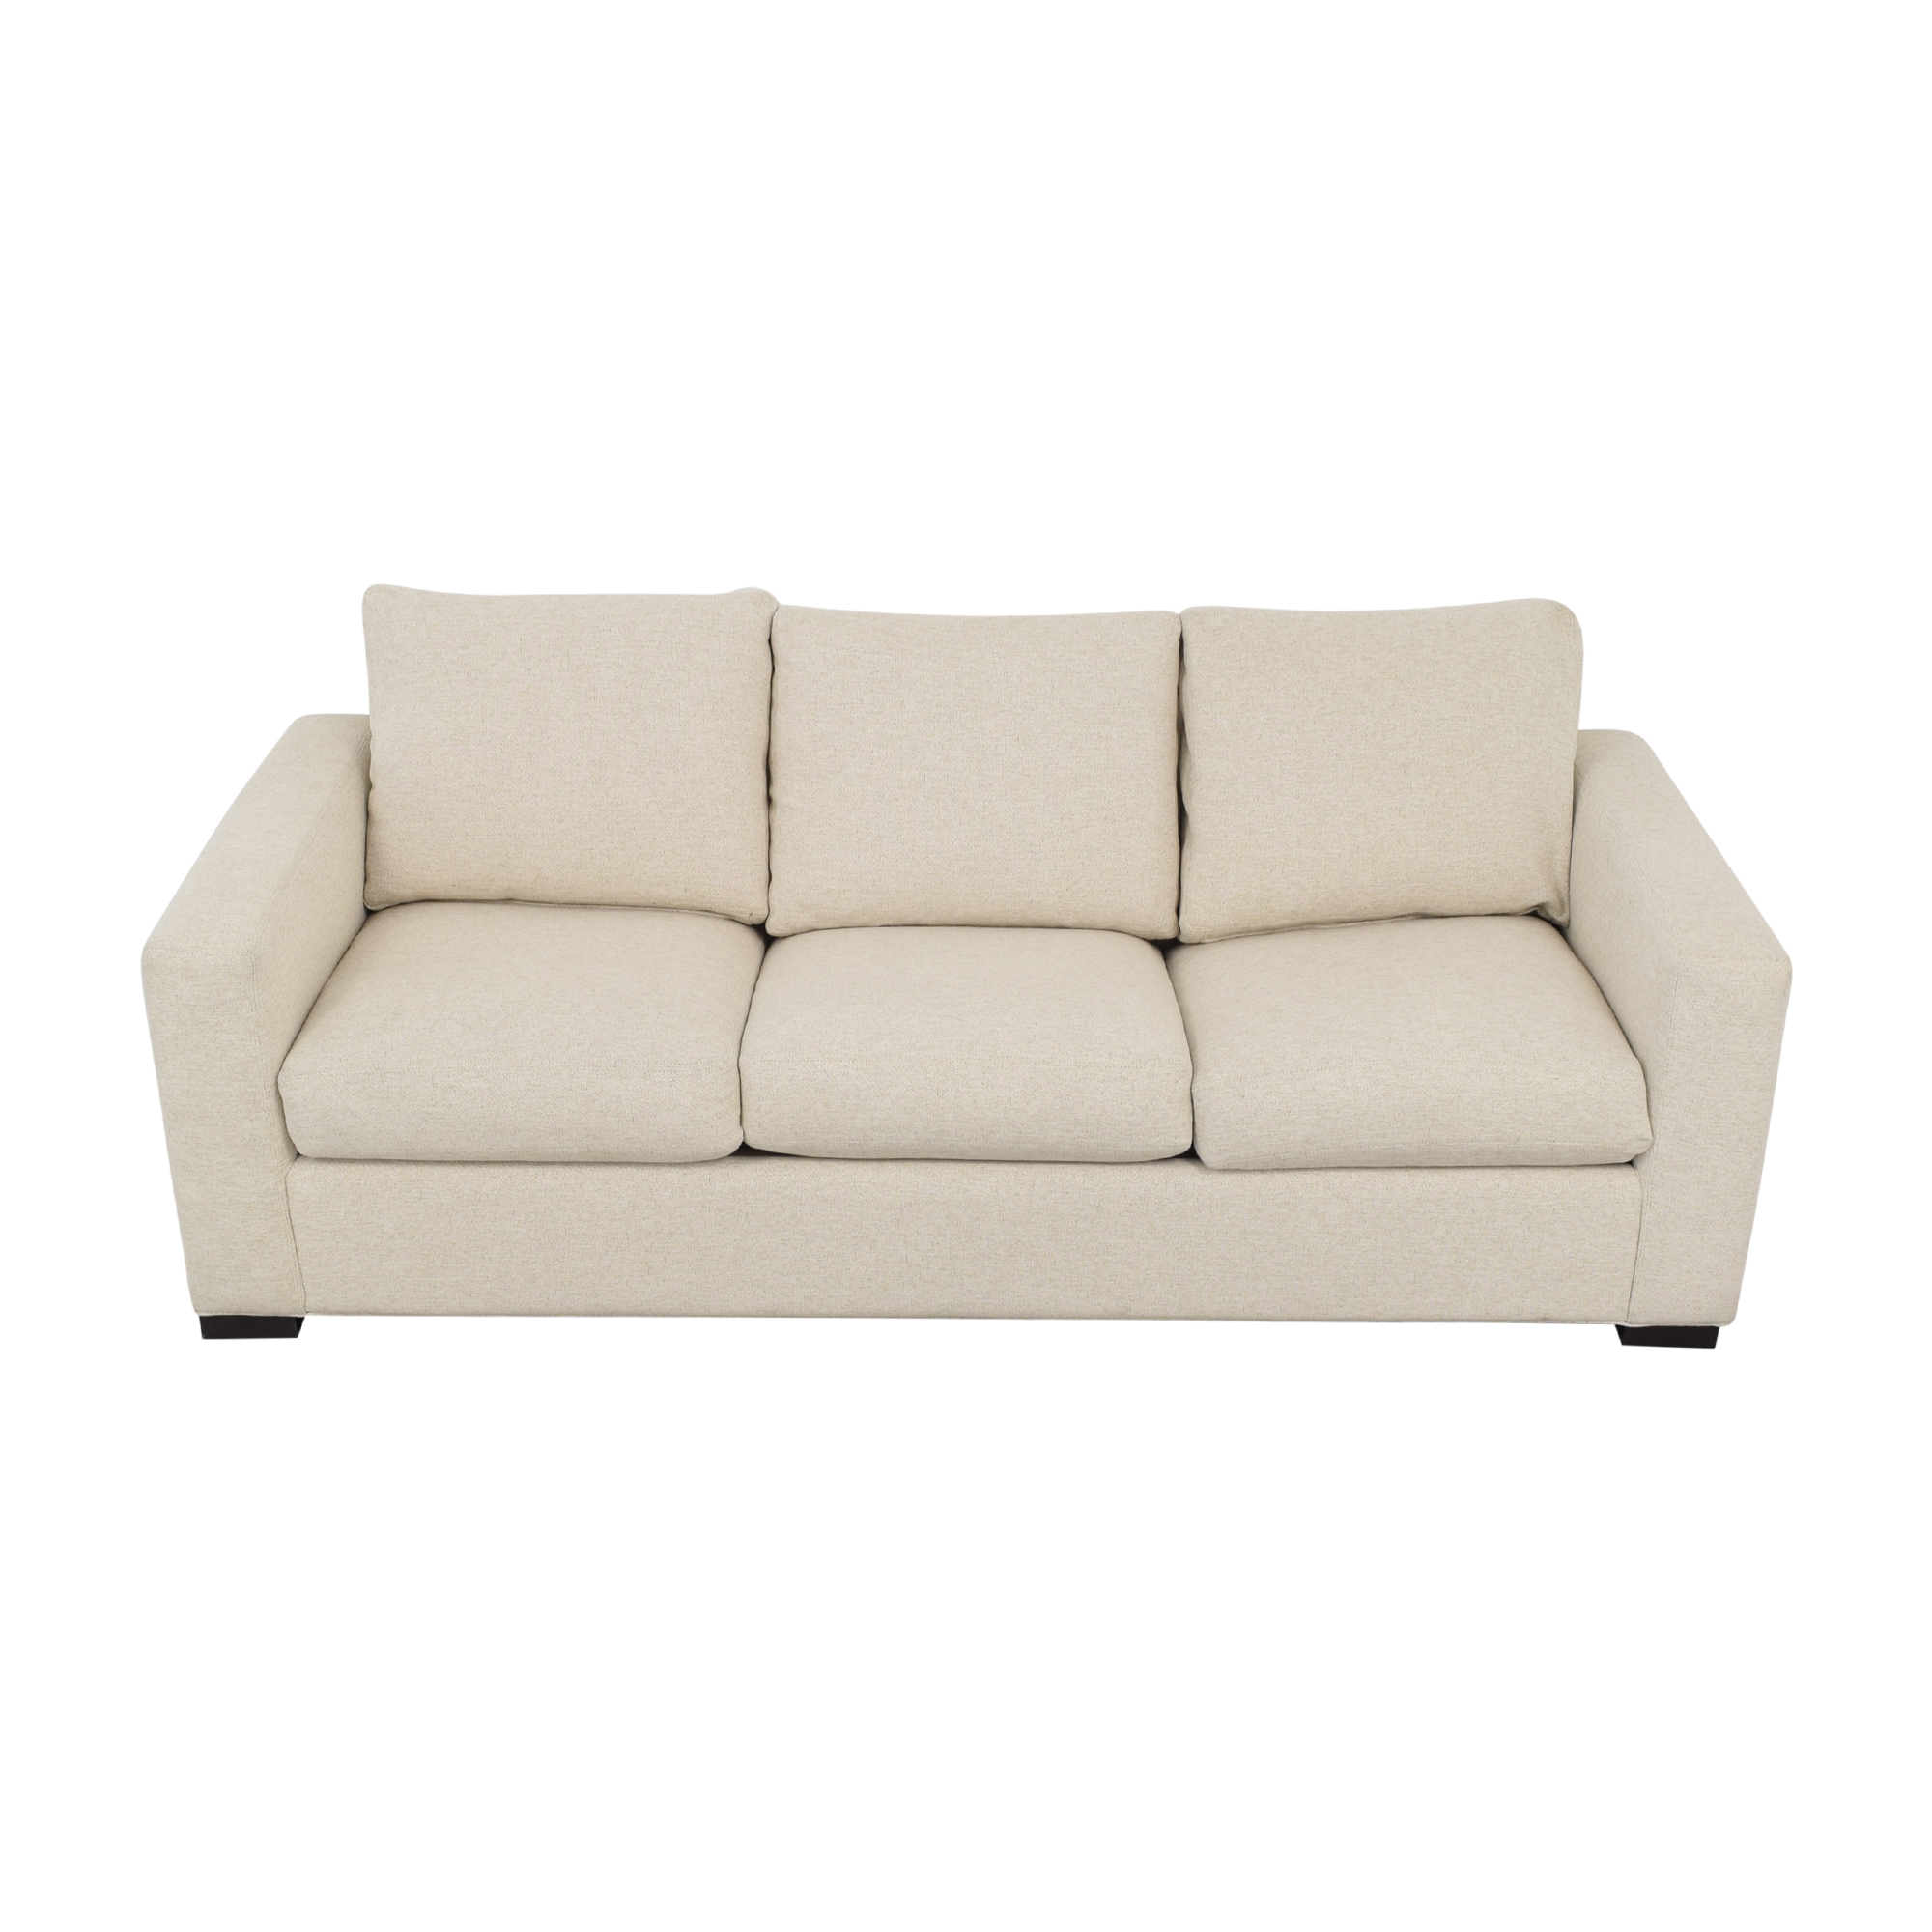 buy Room & Board Room & Board Queen Sleeper Sofa with Ottoman online